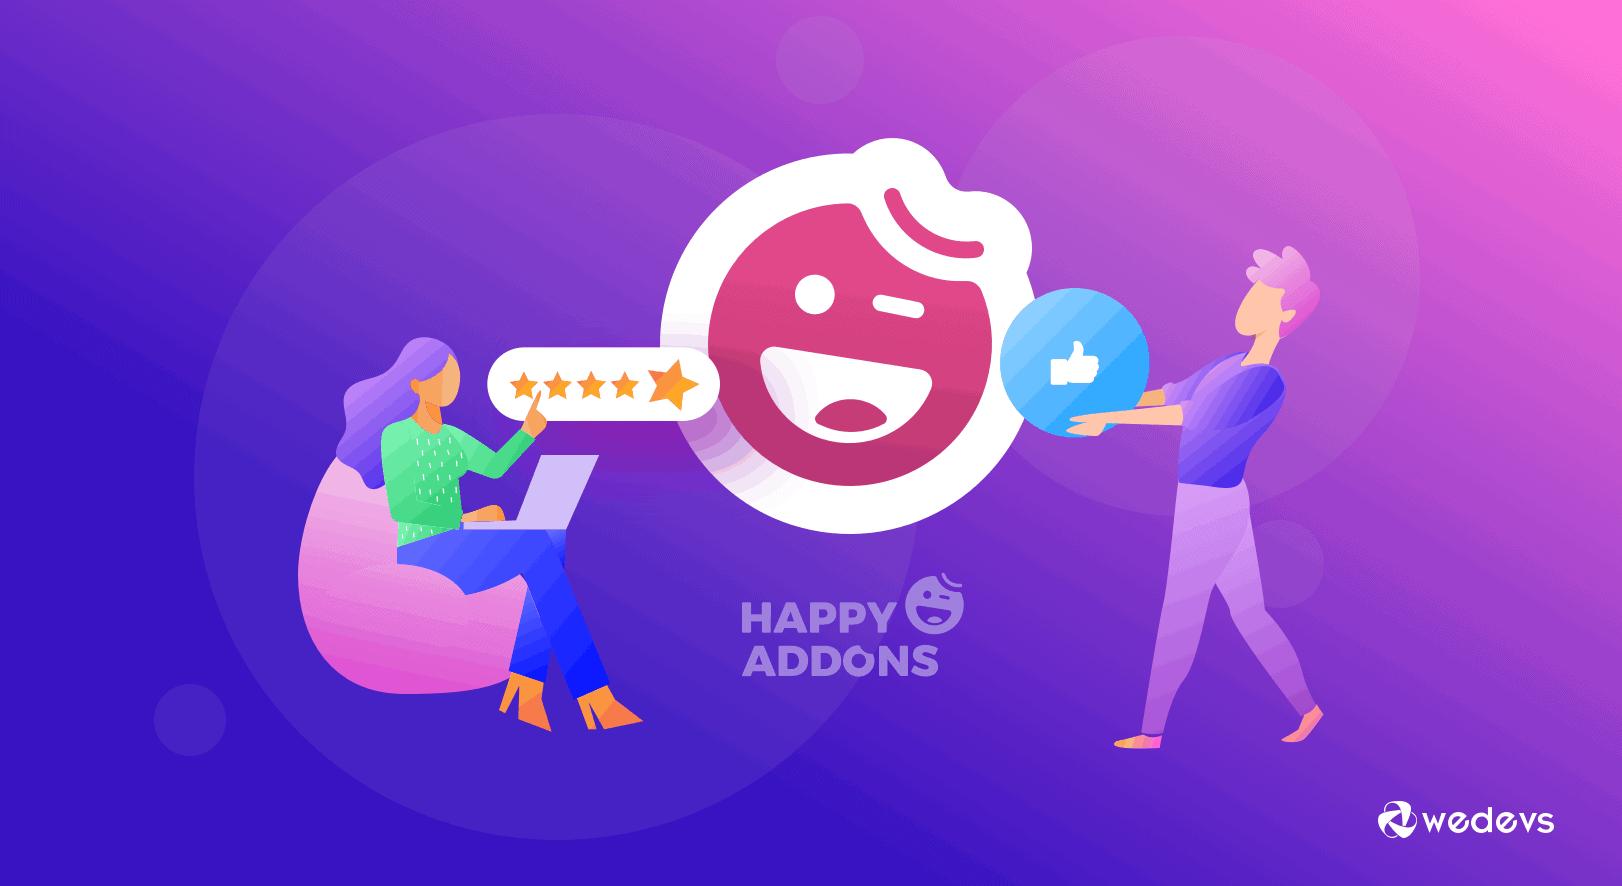 HappyAddons